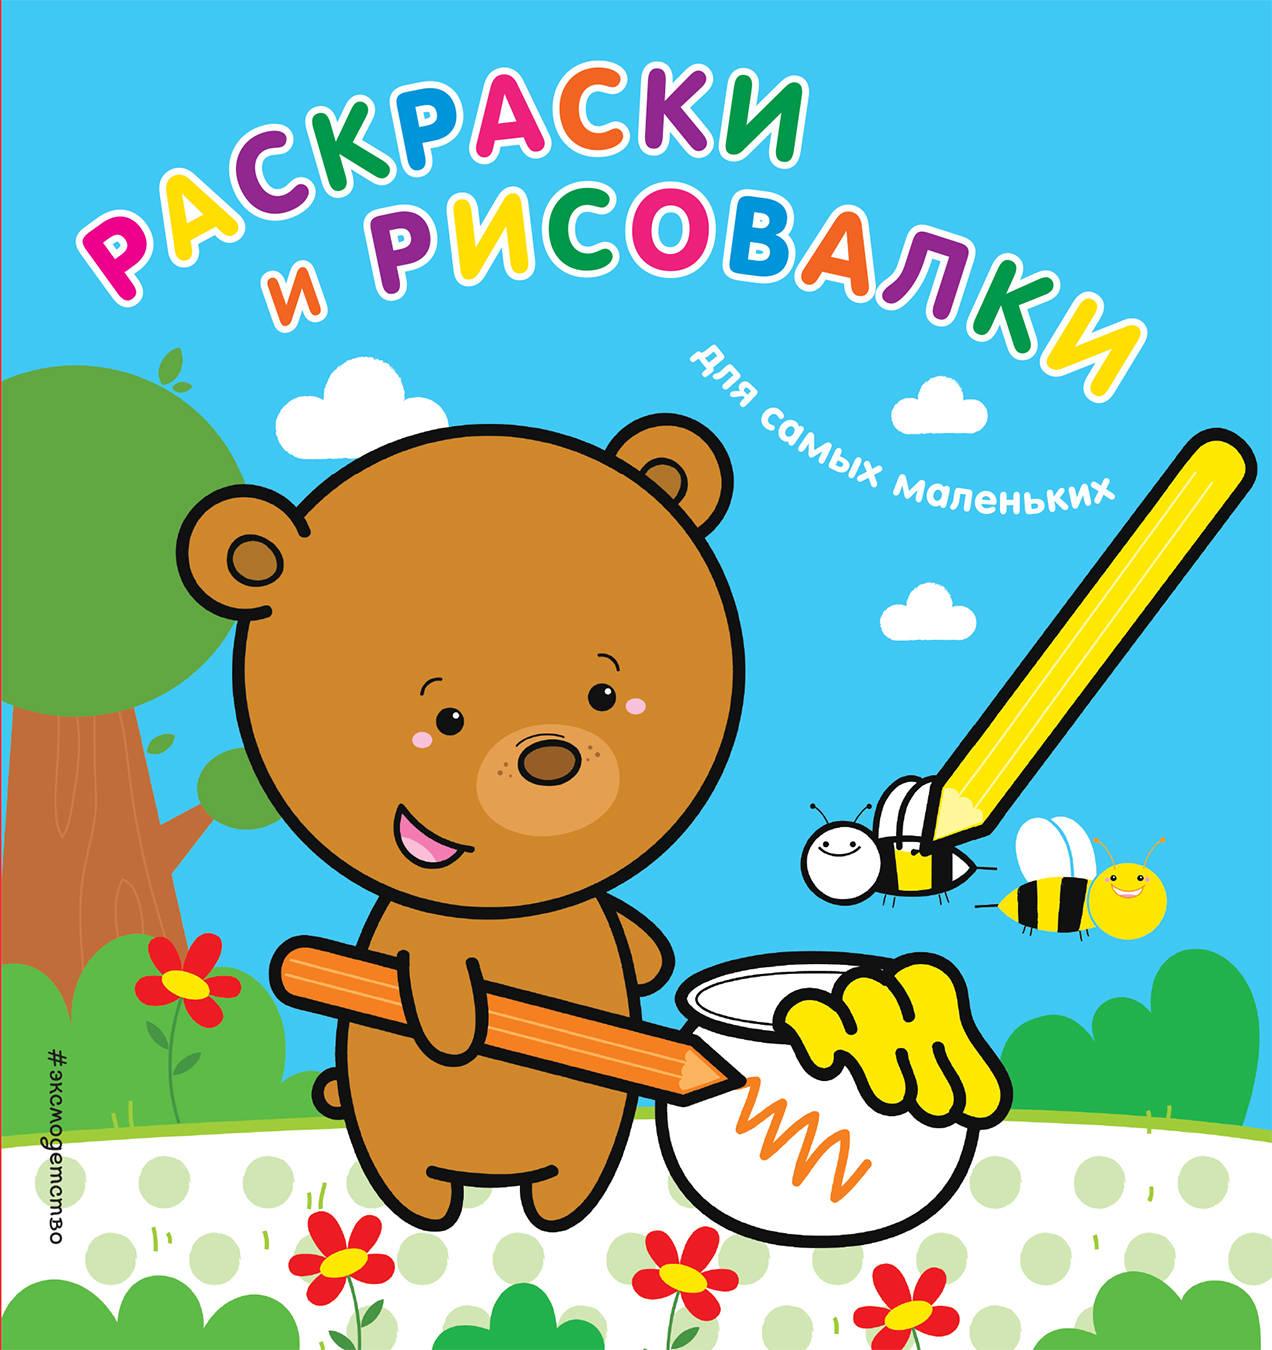 Раскраски и рисовалки для самых маленьких (медвежонок) раскраски эксмо подарочный комплект со скидкой 2 раскраски